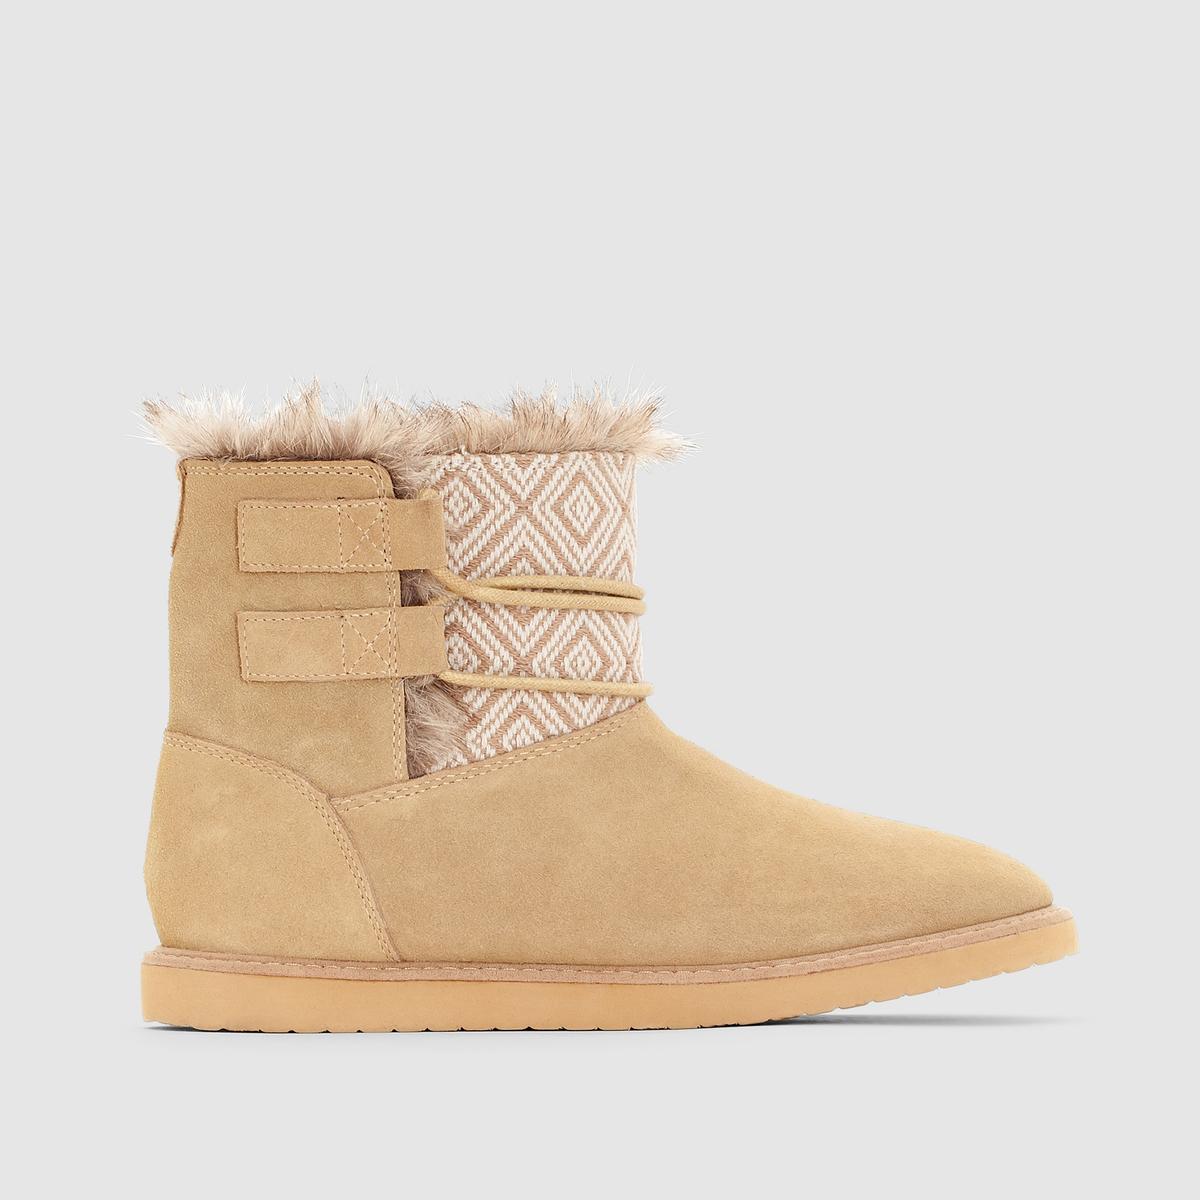 ROXY Ботинки Tara J Boot Tan